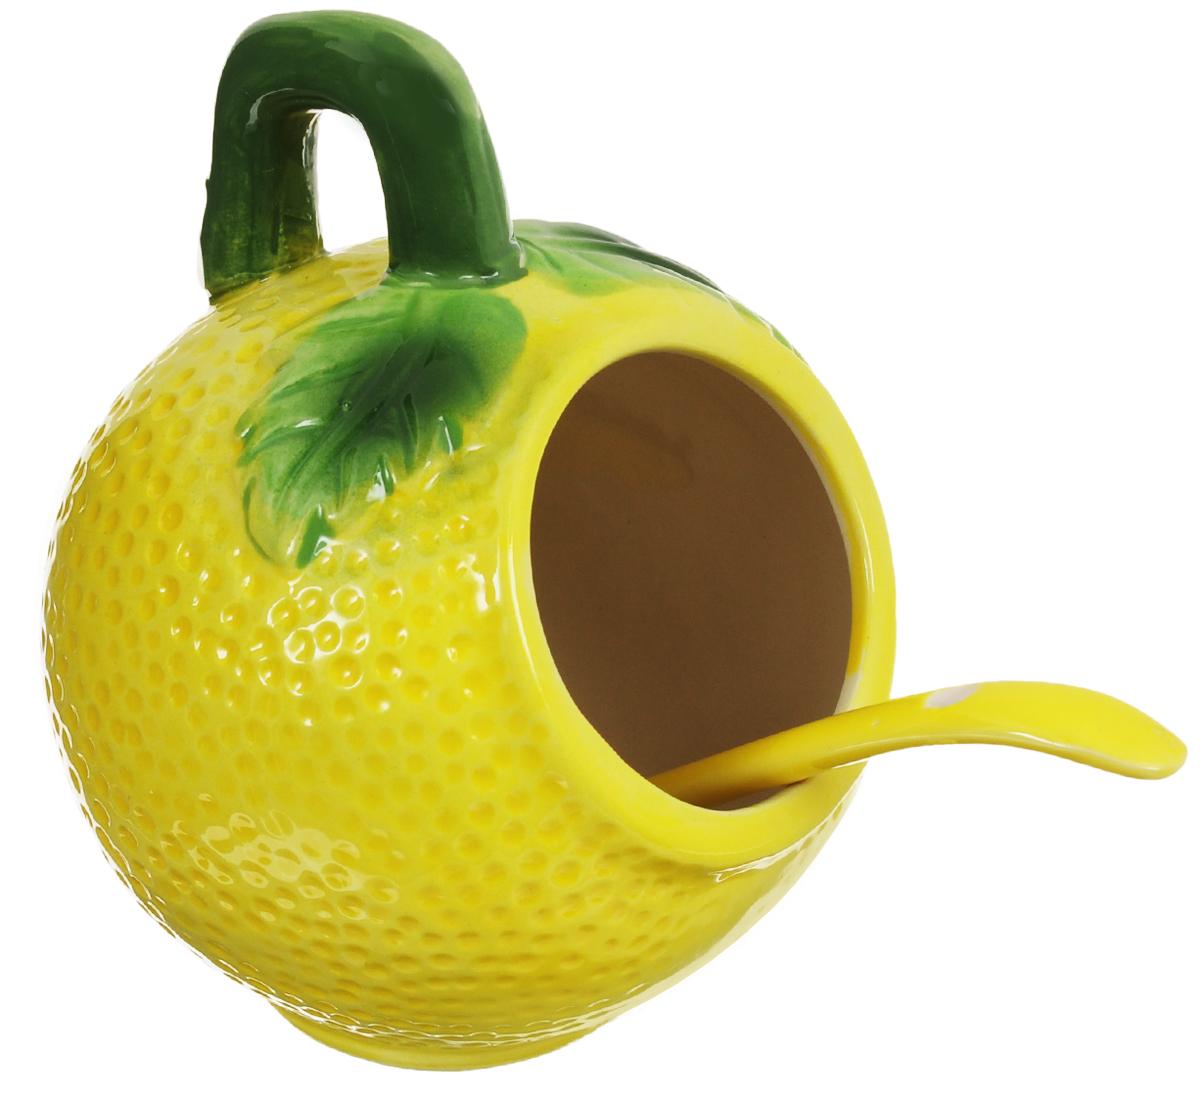 Банка для соли Elan Gallery Лимон, с ложкой, 250 мл110740Банка для соли Elan Gallery Лимон, изготовленная из высококачественной керамики, подойдет не только для соли, но и для сахара, специй и даже меда. Благодаря наклонной форме и ручке, она очень удобна в использовании. Изделие оформлено в виде лимона и имеет изысканный внешний вид. В комплект входит ложечка. Такая банка для соли стильно оформит интерьер кухни. Диаметр банки (по верхнему краю): 5 см. Высота банки (с учетом ручки): 10,5 см. Общая длина ложки: 12 см. Диаметр рабочей поверхности ложки: 3 см.